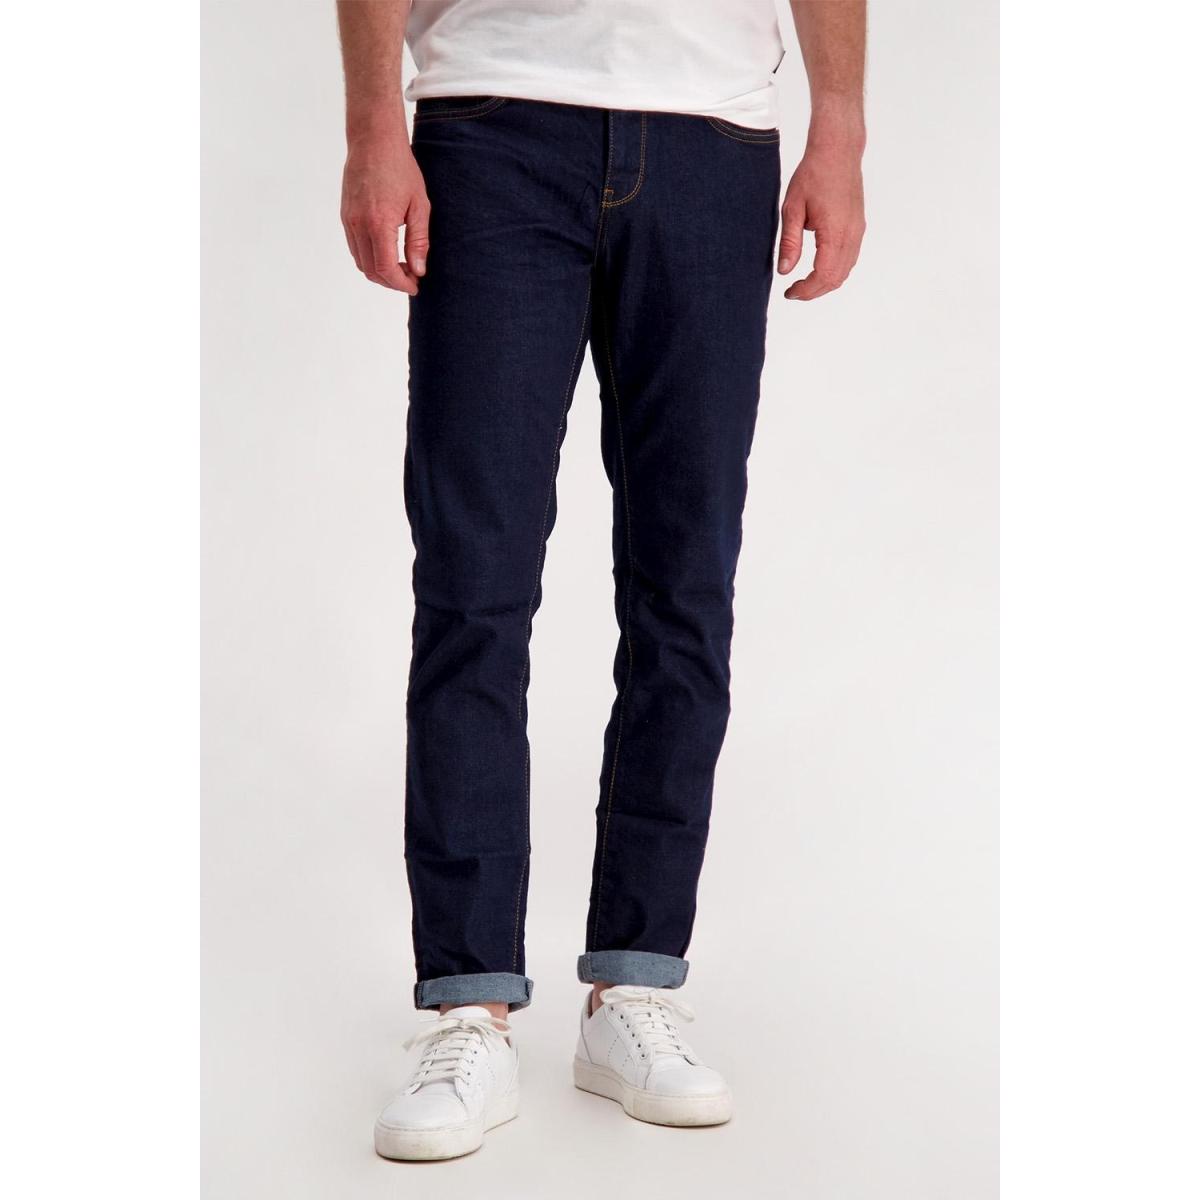 blast slim fit 78428 cars jeans 02 rinsed wash